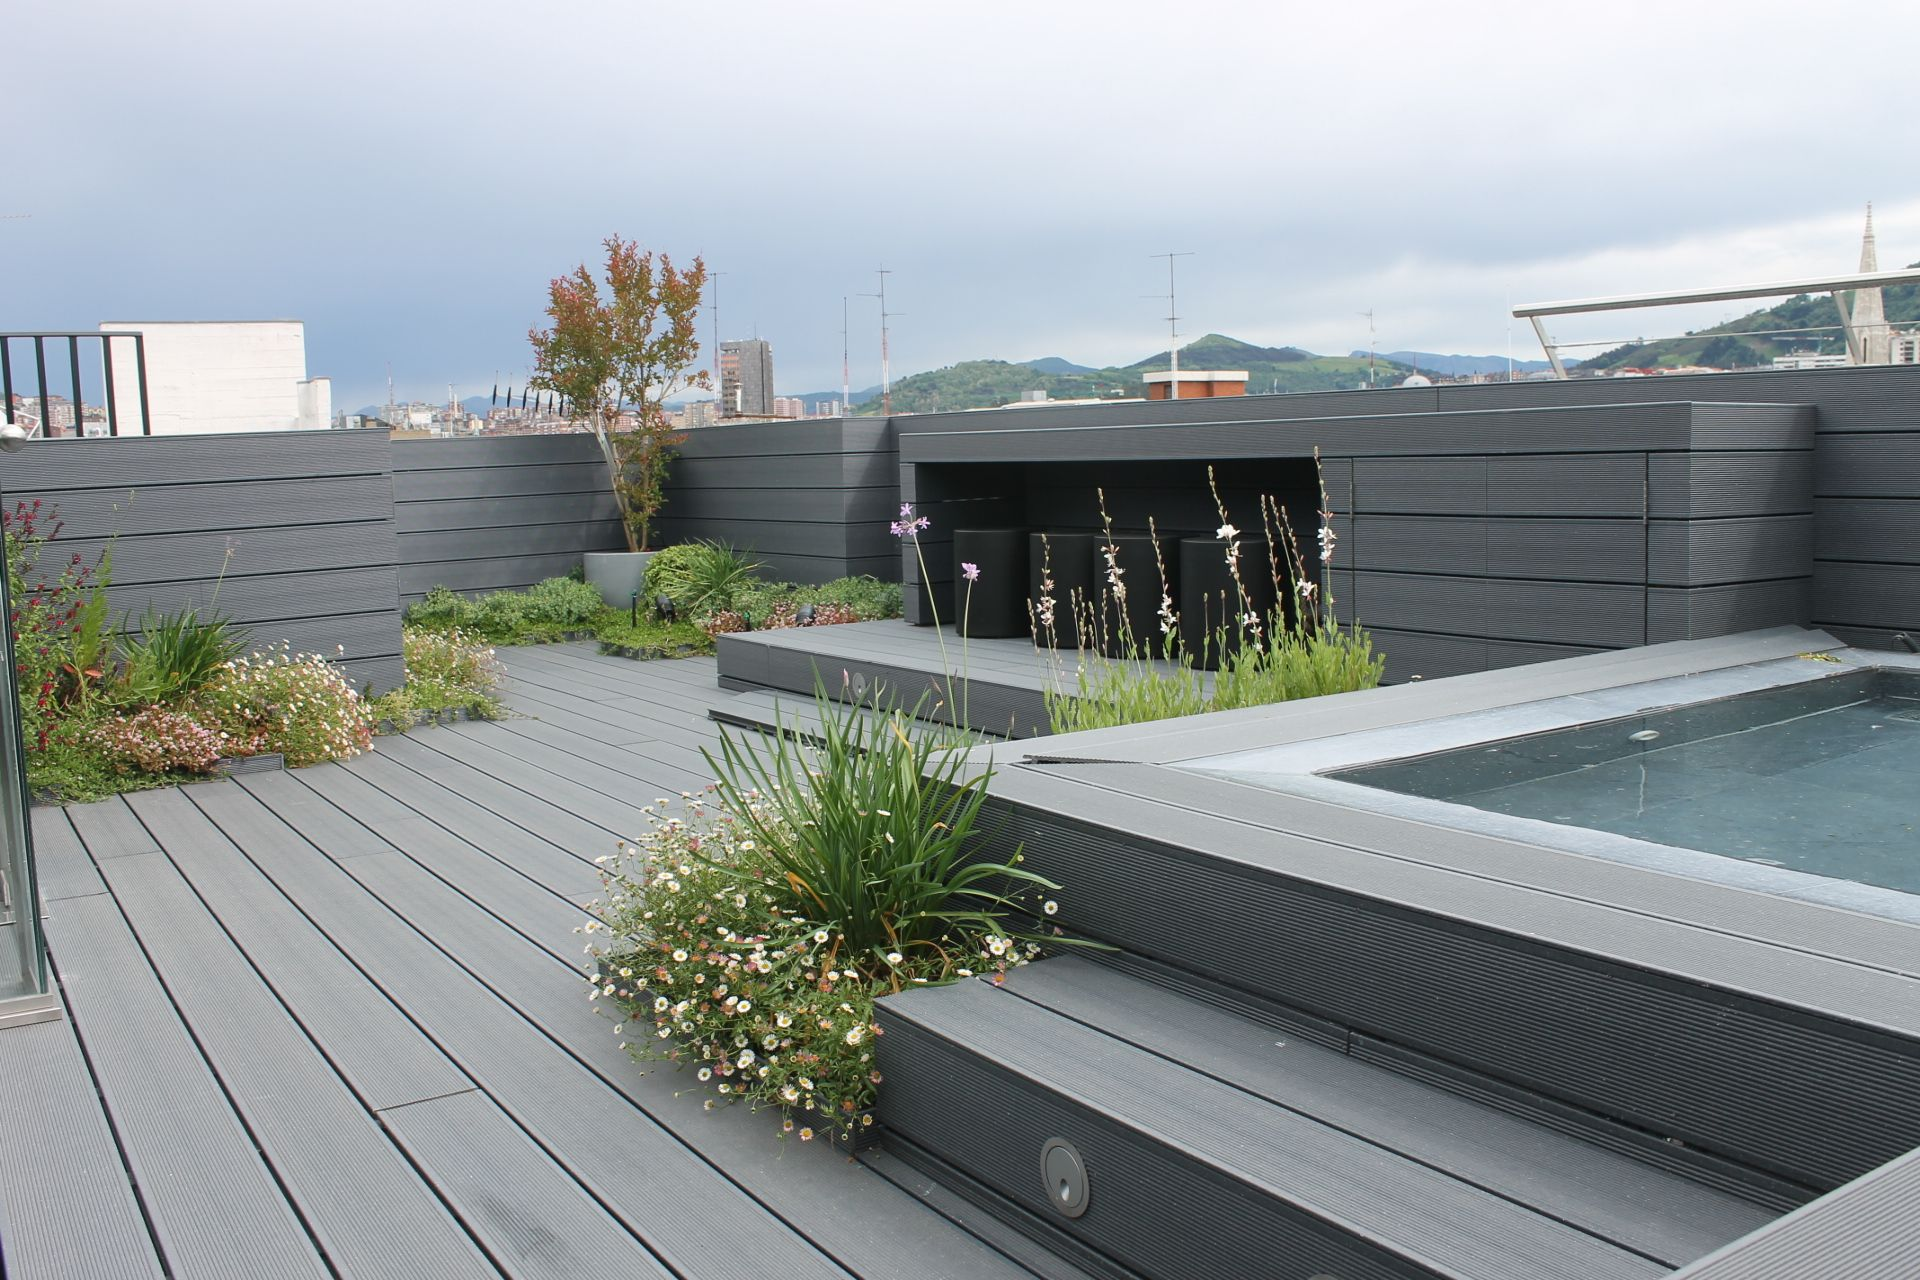 Dise o de tico moderno madera piscina paisajismo pia for Paisajismo terrazas